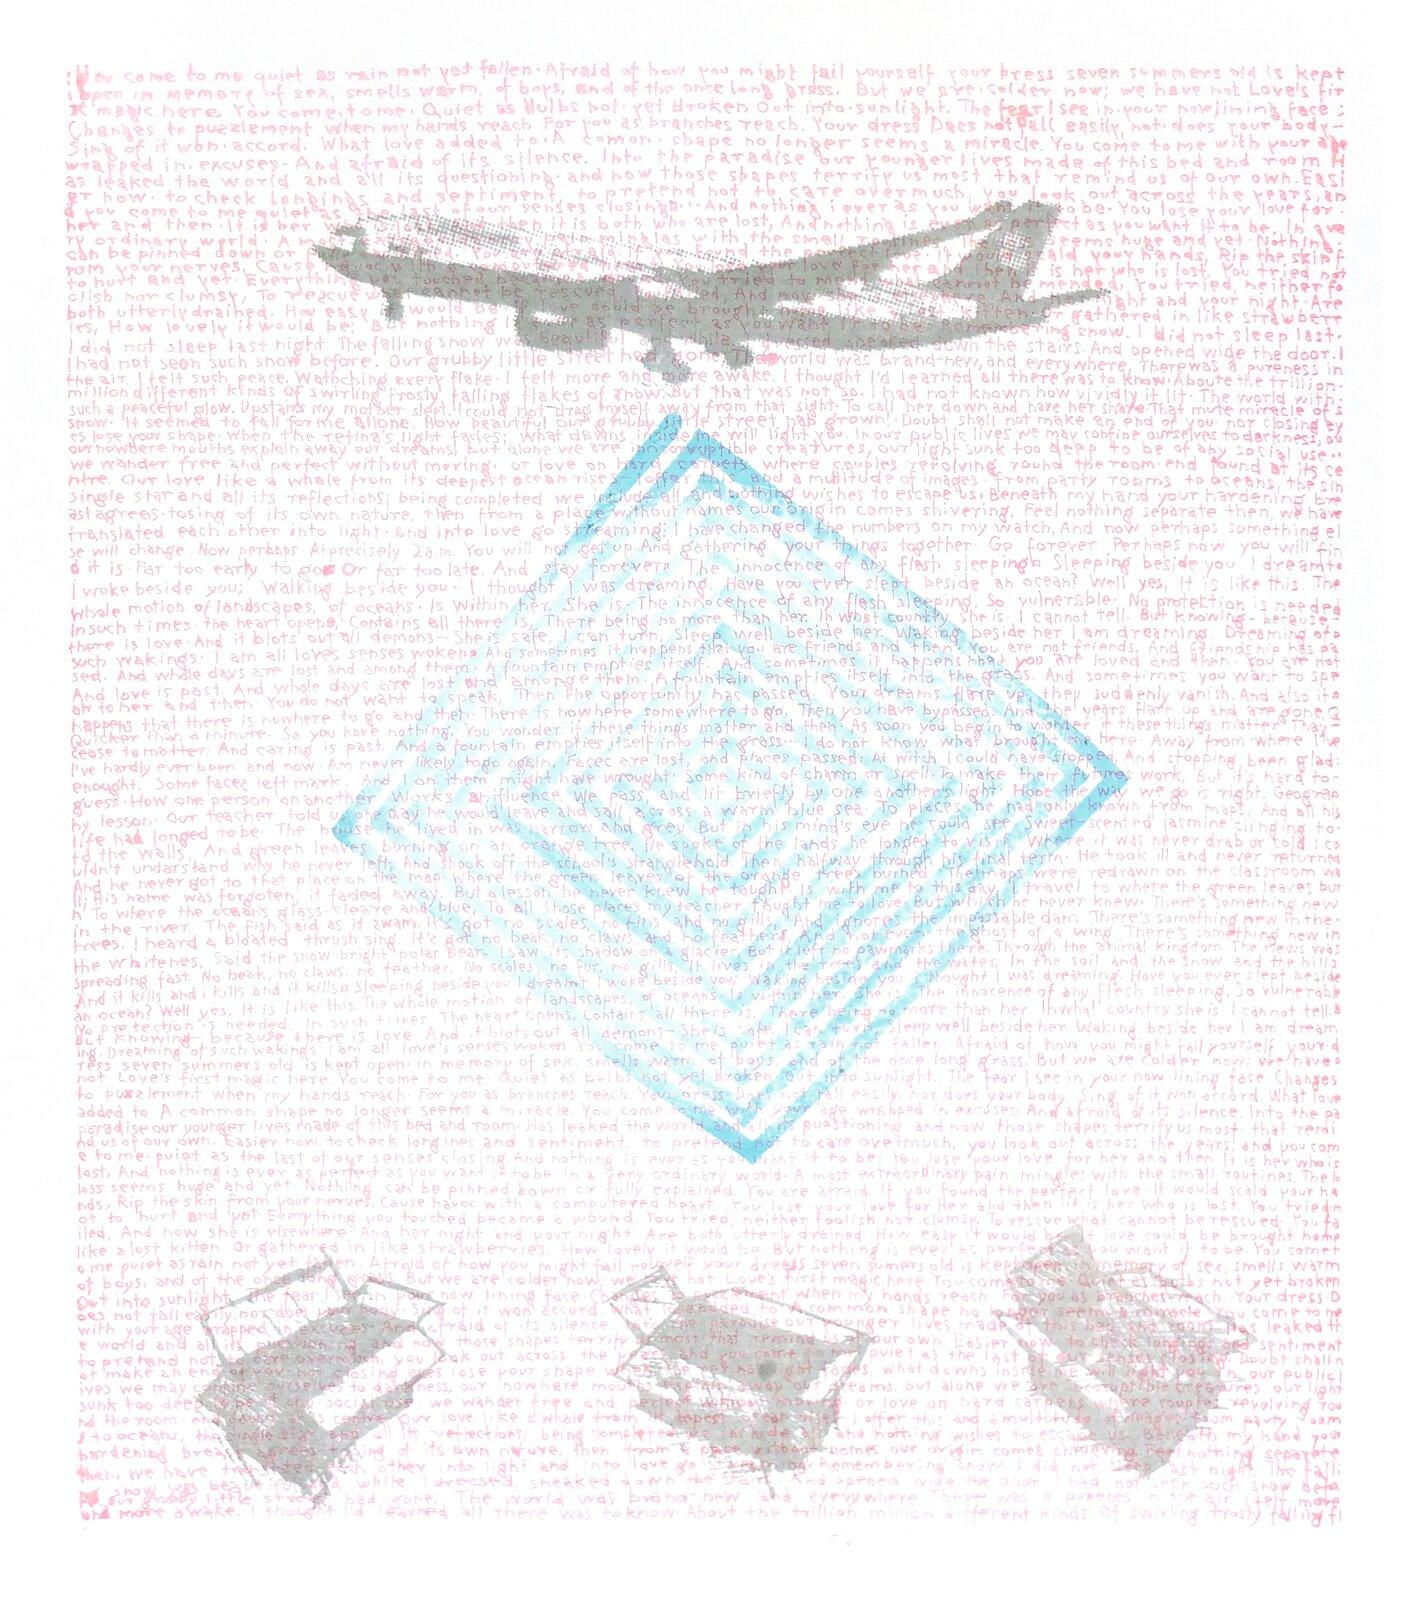 """Ilustracja przedstawia obraz """"You come to me"""" autorstwa Tomasza Barczyka. Na pokrytym drobnym, czerwonym pismem białym tle autor umieścił dużą sylwetkę szarego samolotu oraz trzy otwarte pudła. Pomiędzy znajdującym się na górze kompozycji samolotem apudłami na dole umieszczony został delikatny, błękitny kwadratowy labirynt zpojedynczą drogą idącą wgłąb jego kształtu. Praca utrzymana jest wwąskiej, biało-szaro-czerwonej gamie barw zdominantą błękitu wjej centrum."""